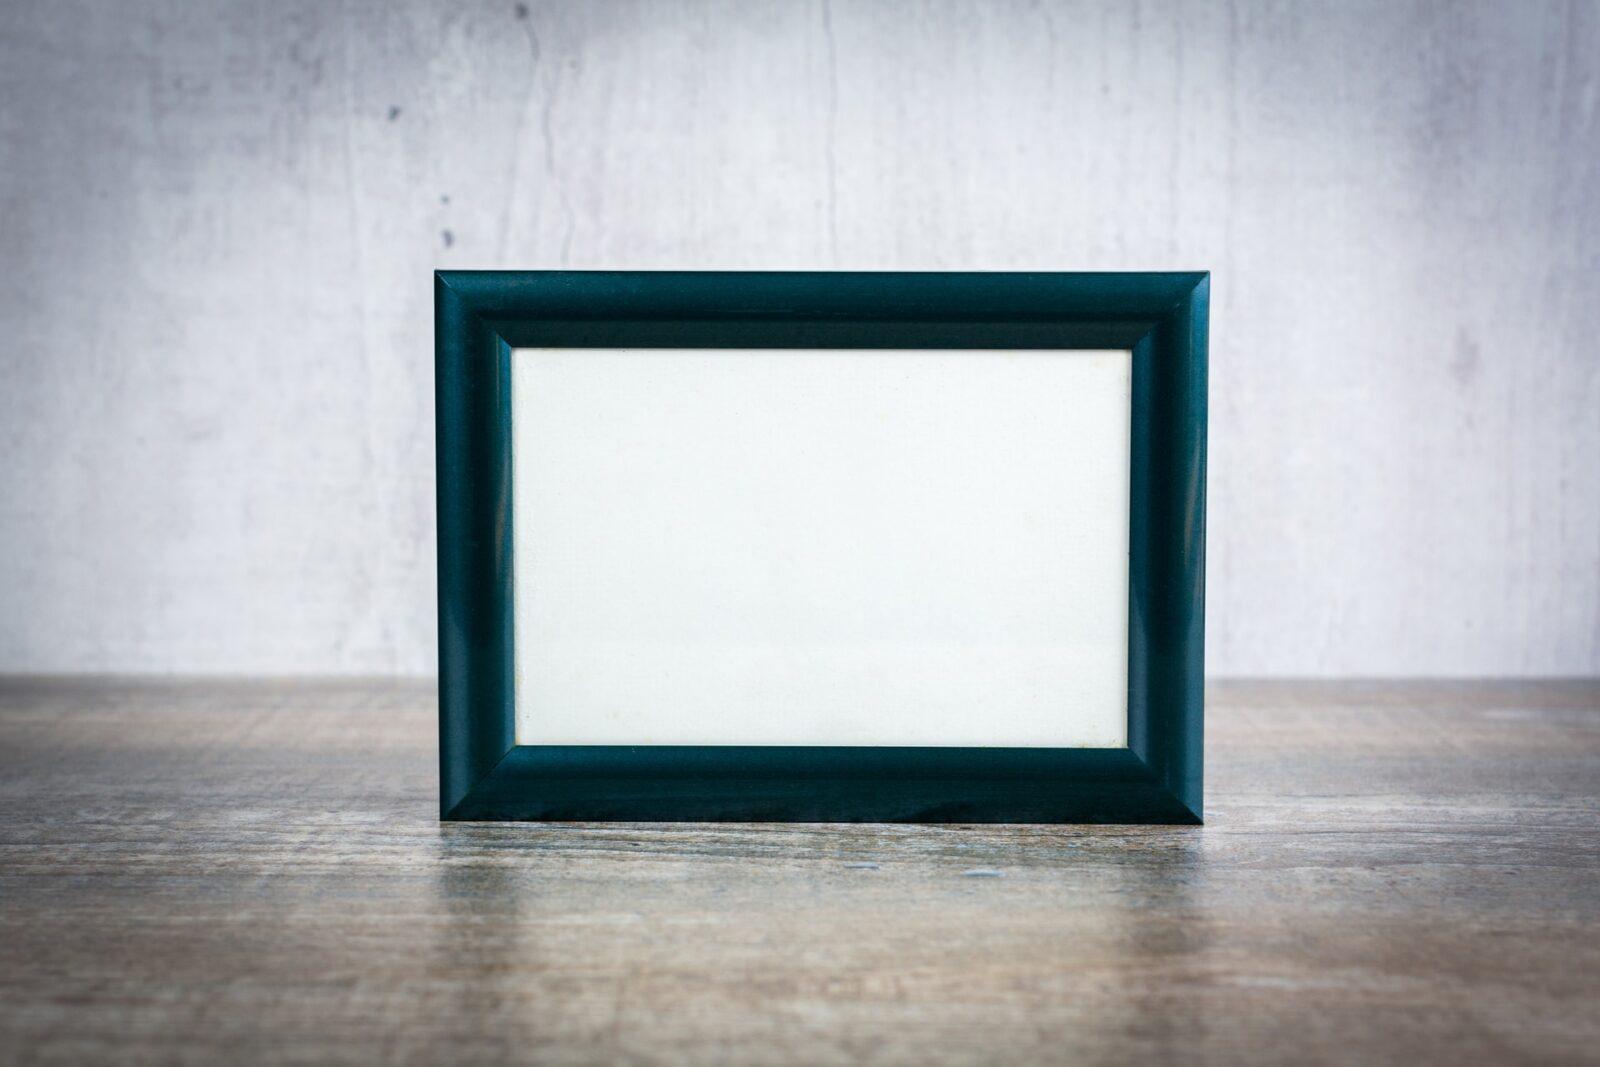 Cyfrowa ramka do zdjęć? Sprawdzamy czy warto!